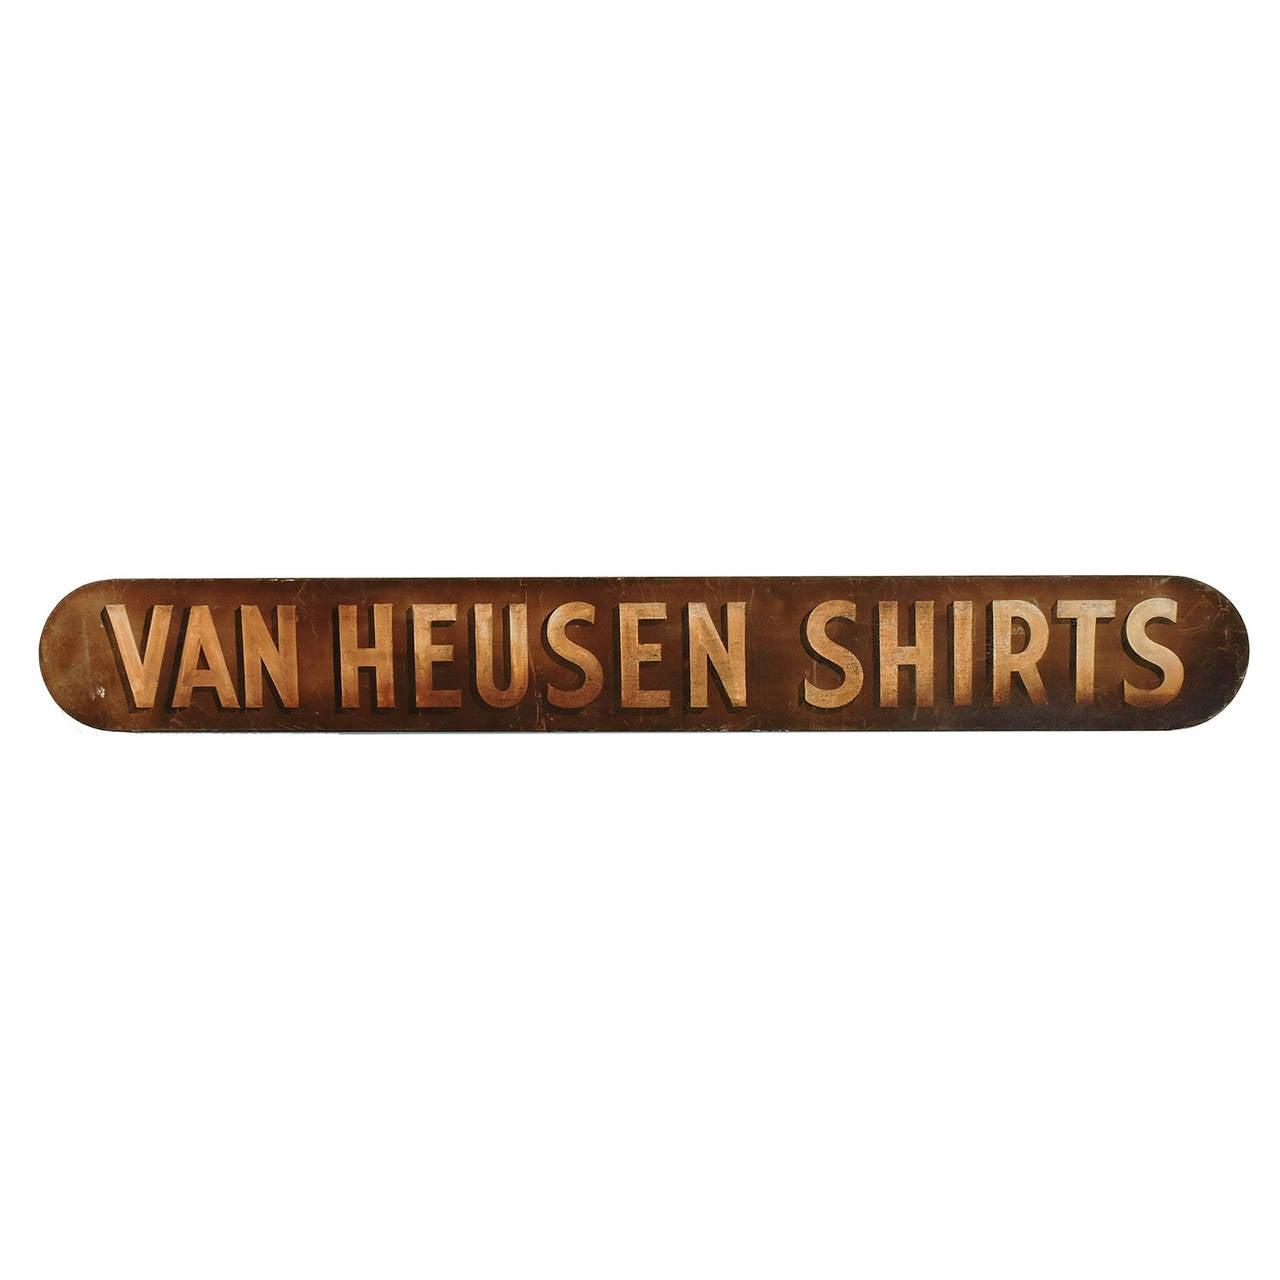 Vintage Van Heusen Shirts Advertising Sign